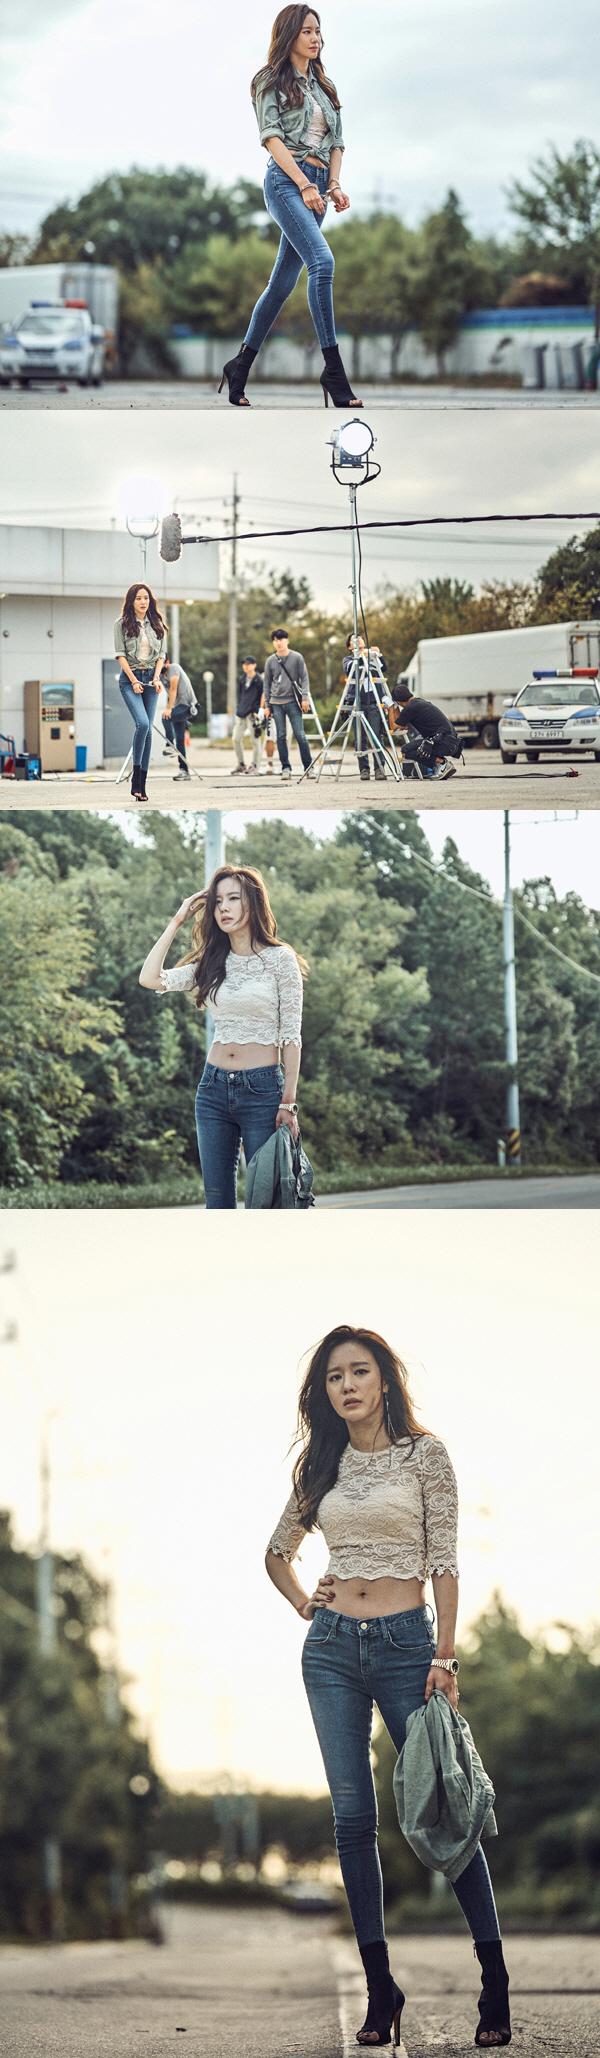 '나쁜 녀석들' 김아중, 첫 등장부터 달랐다 '압도적 아웃 핏'